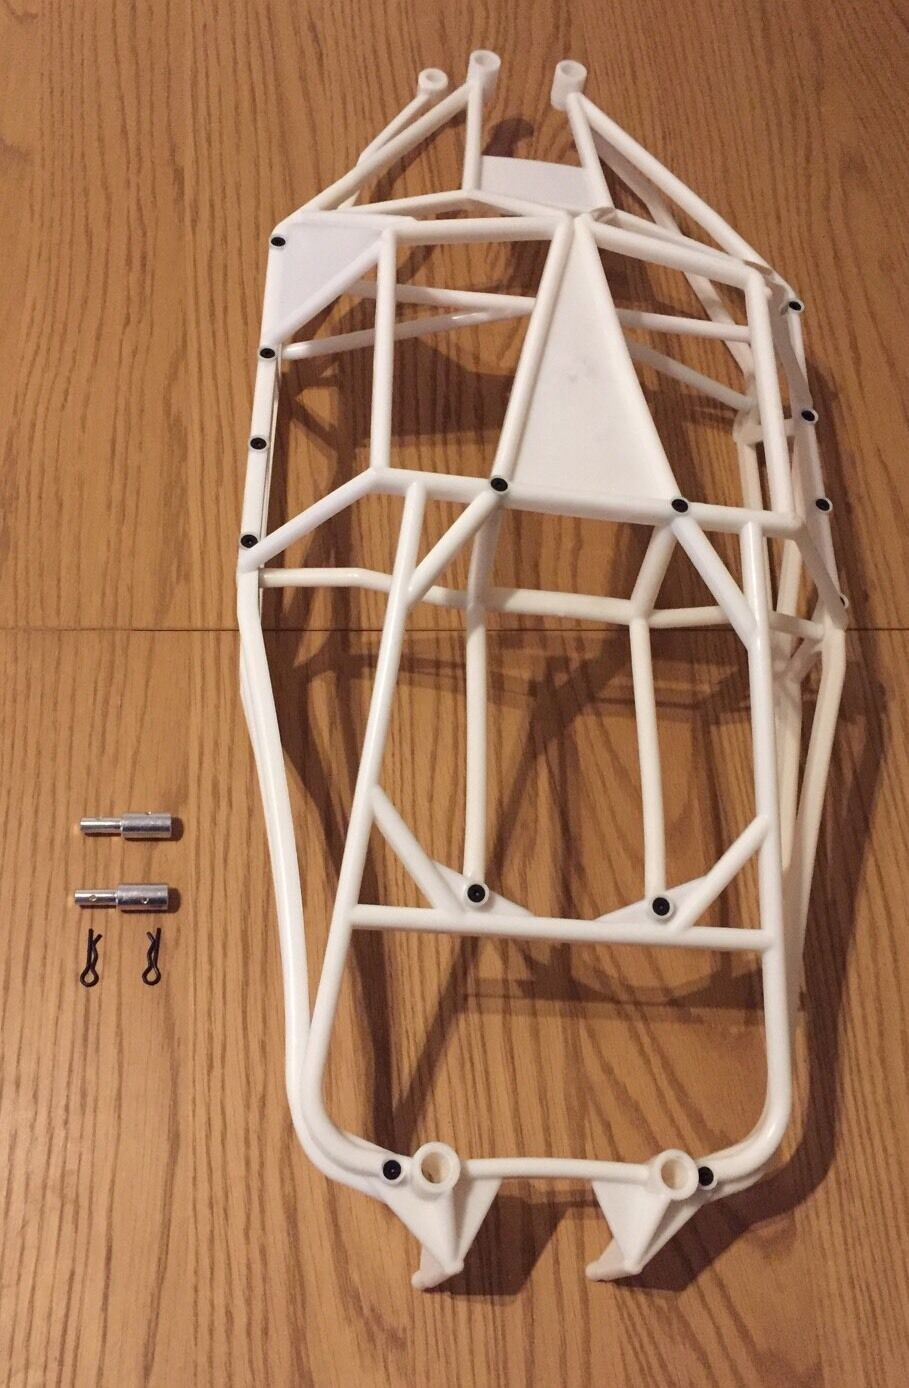 HPI BAJA PLASTIC ROLL CAGE FOR HPI BAJA 5T,5SC,1 5,KM,ROVAN